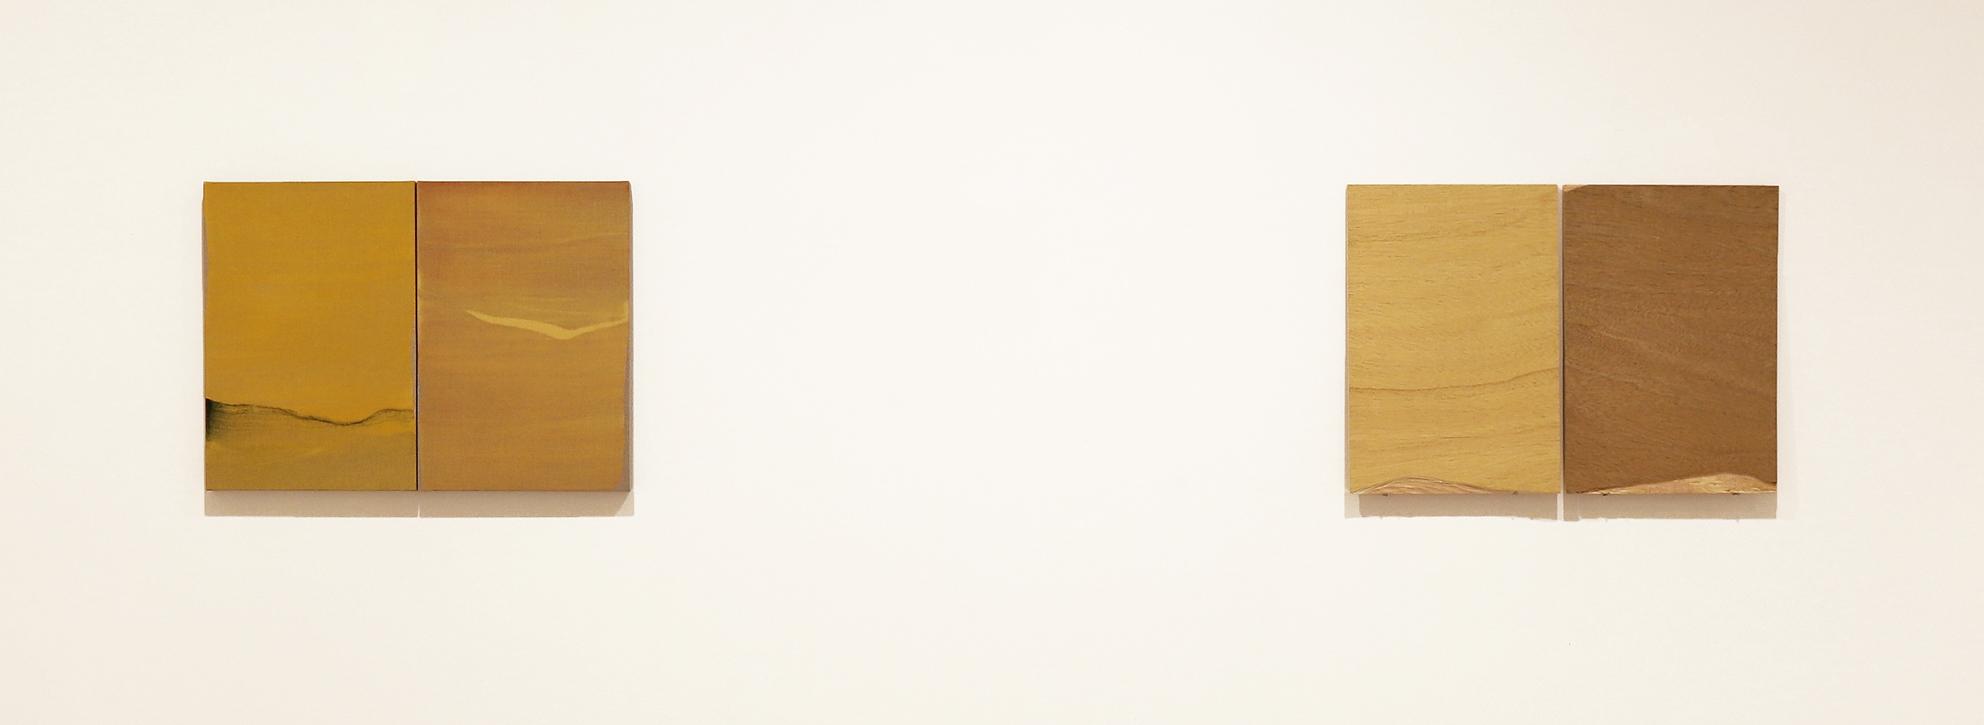 Vista de serie dispecto duo y origo. 2018. Acrílico, lino y madera. 50 x 68 cm. Nico Munuera